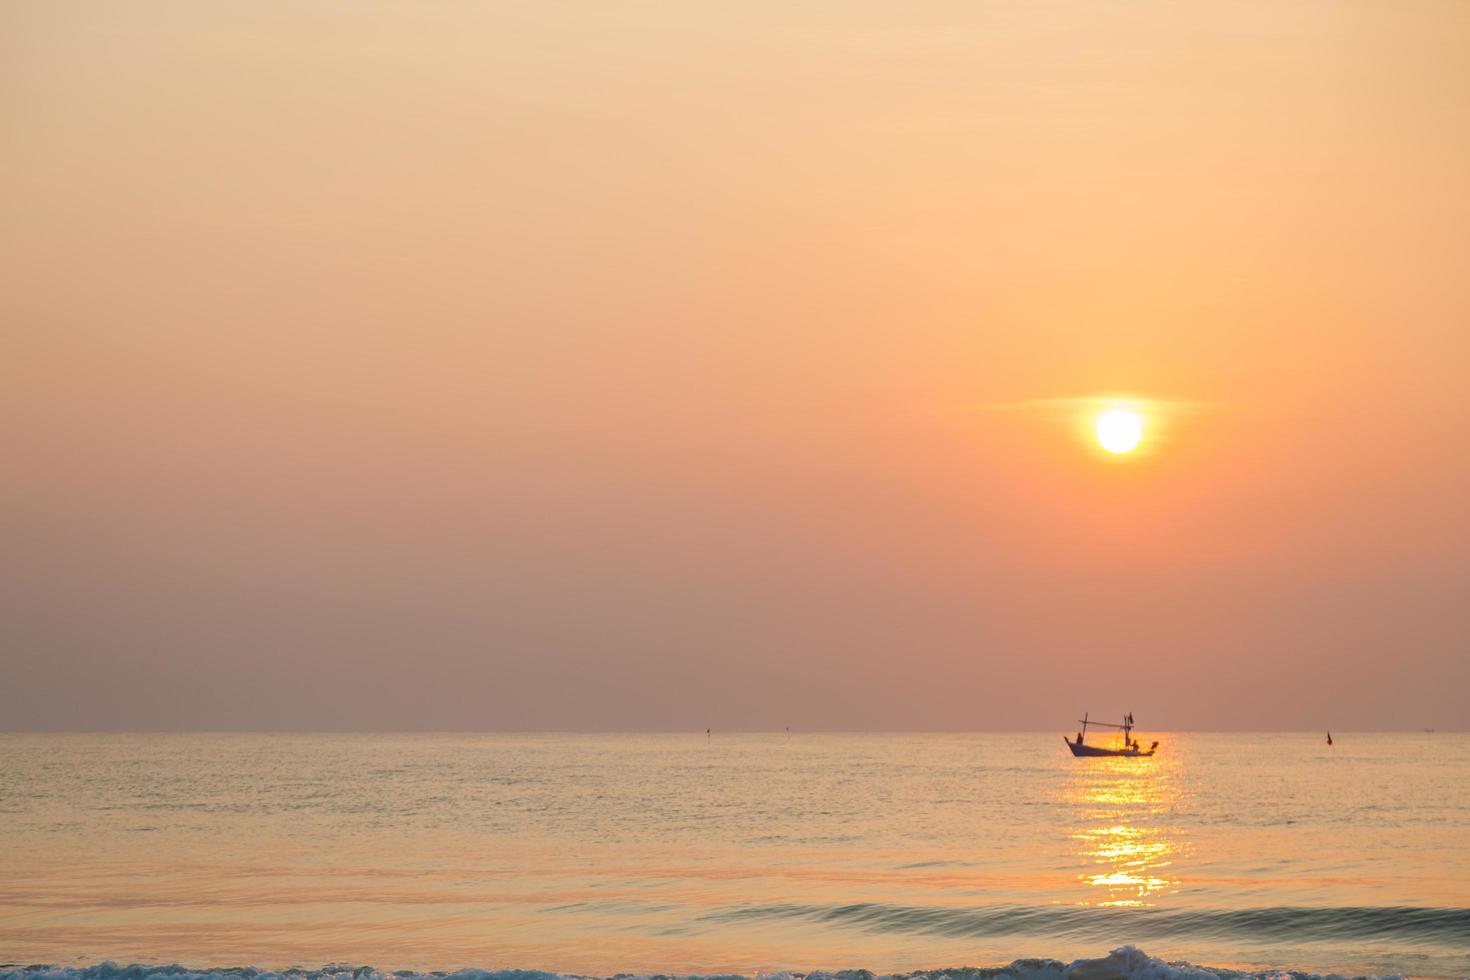 barco de pesca en el mar al amanecer foto